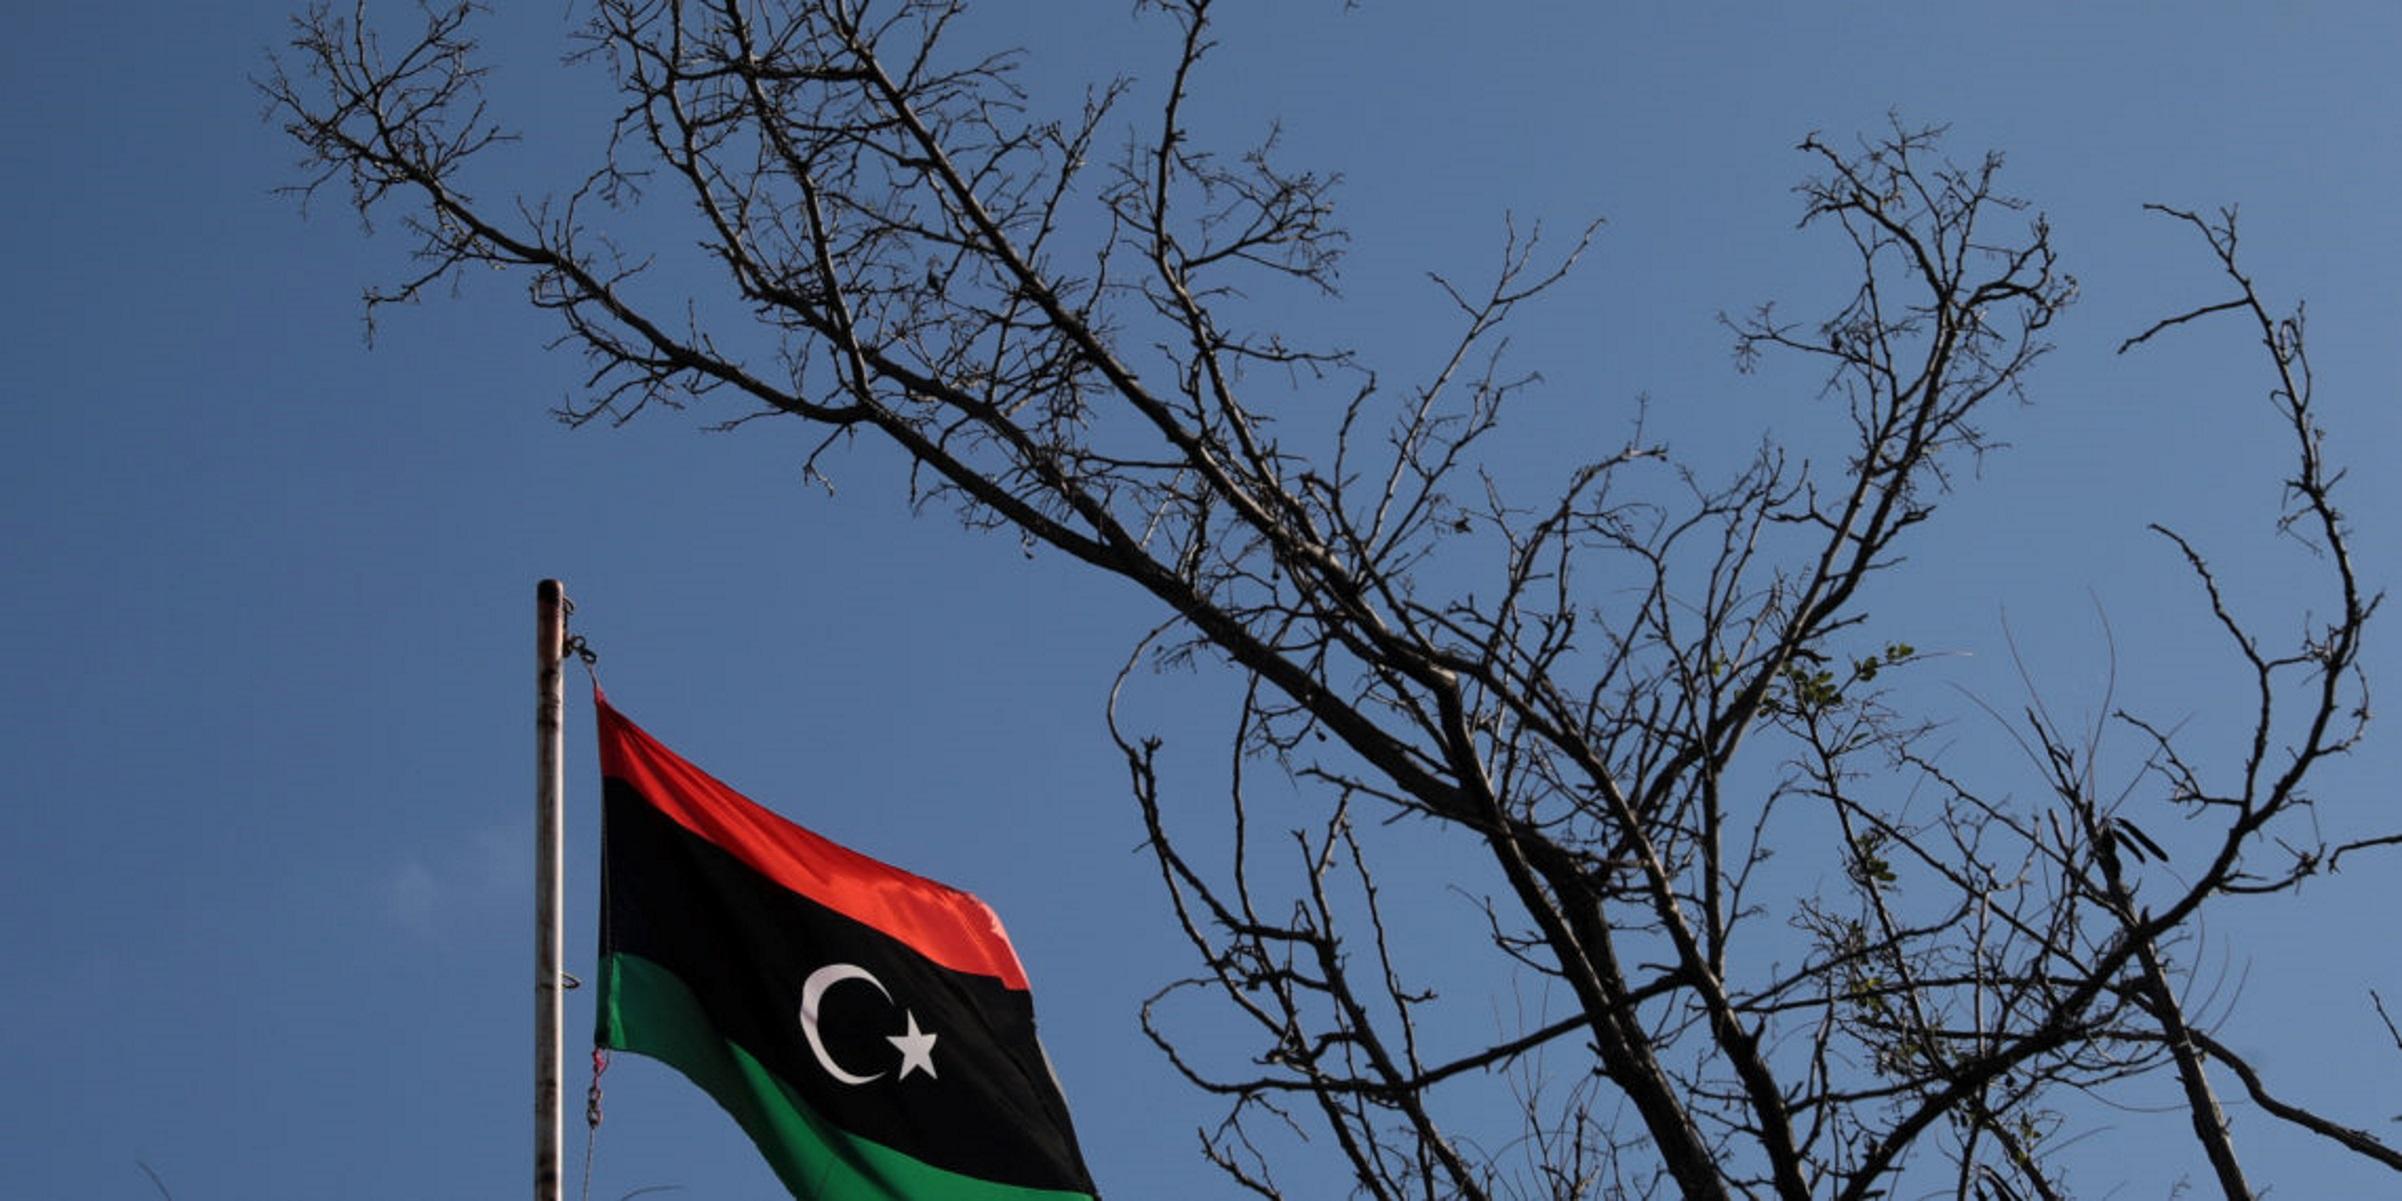 Νέο «άδειασμα» από Λιβύη: «Αμφιλεγόμενο» το τουρκολιβυκό μνημόνιο